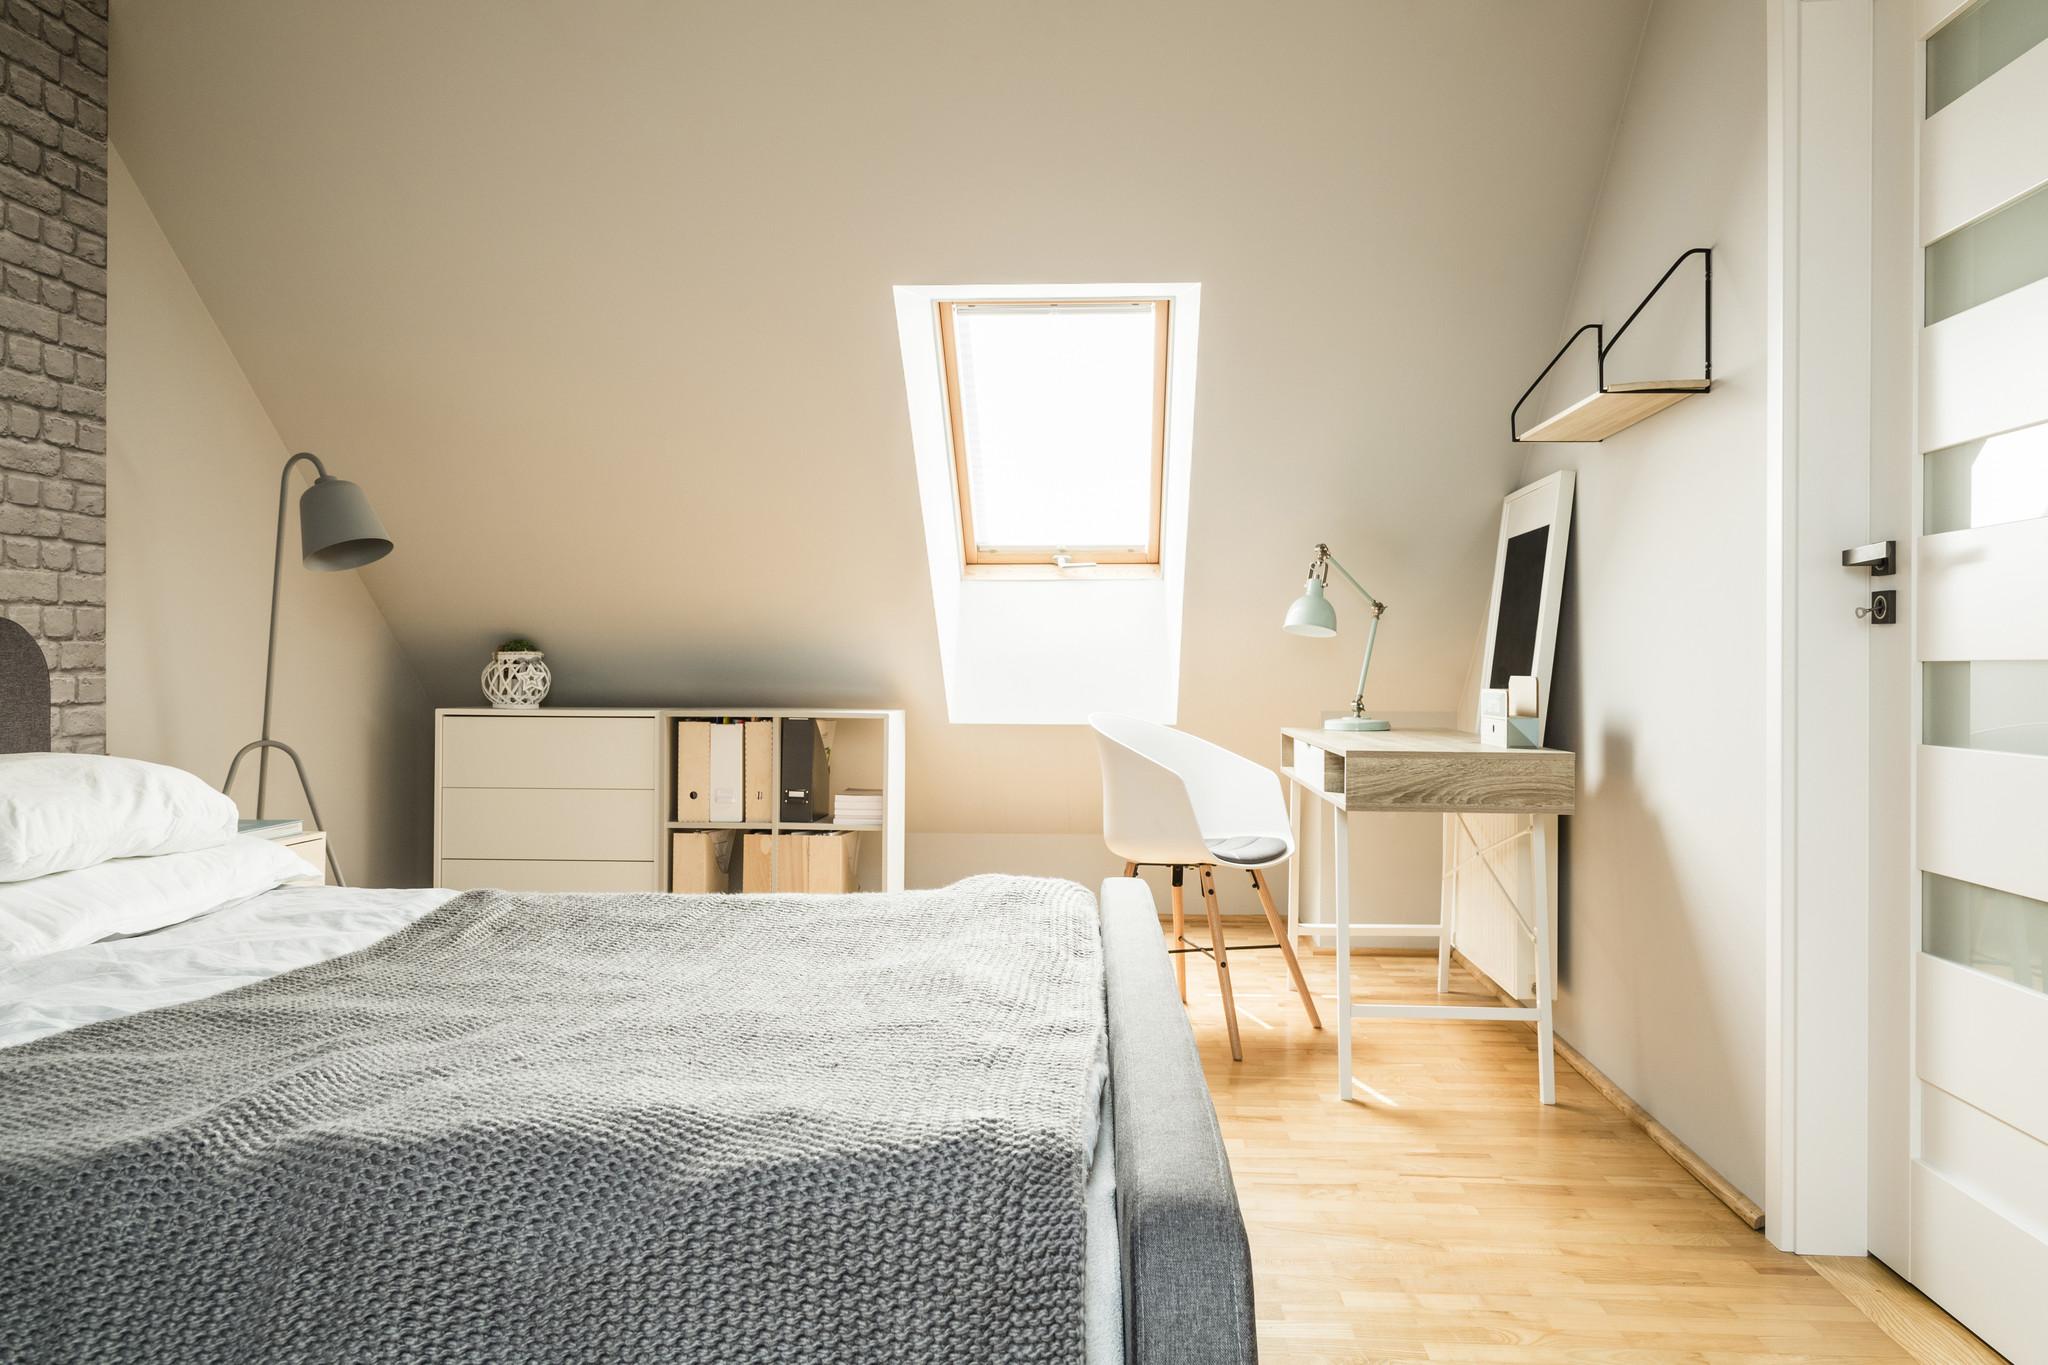 Onze interieur ideeën om jouw zolder in te richten